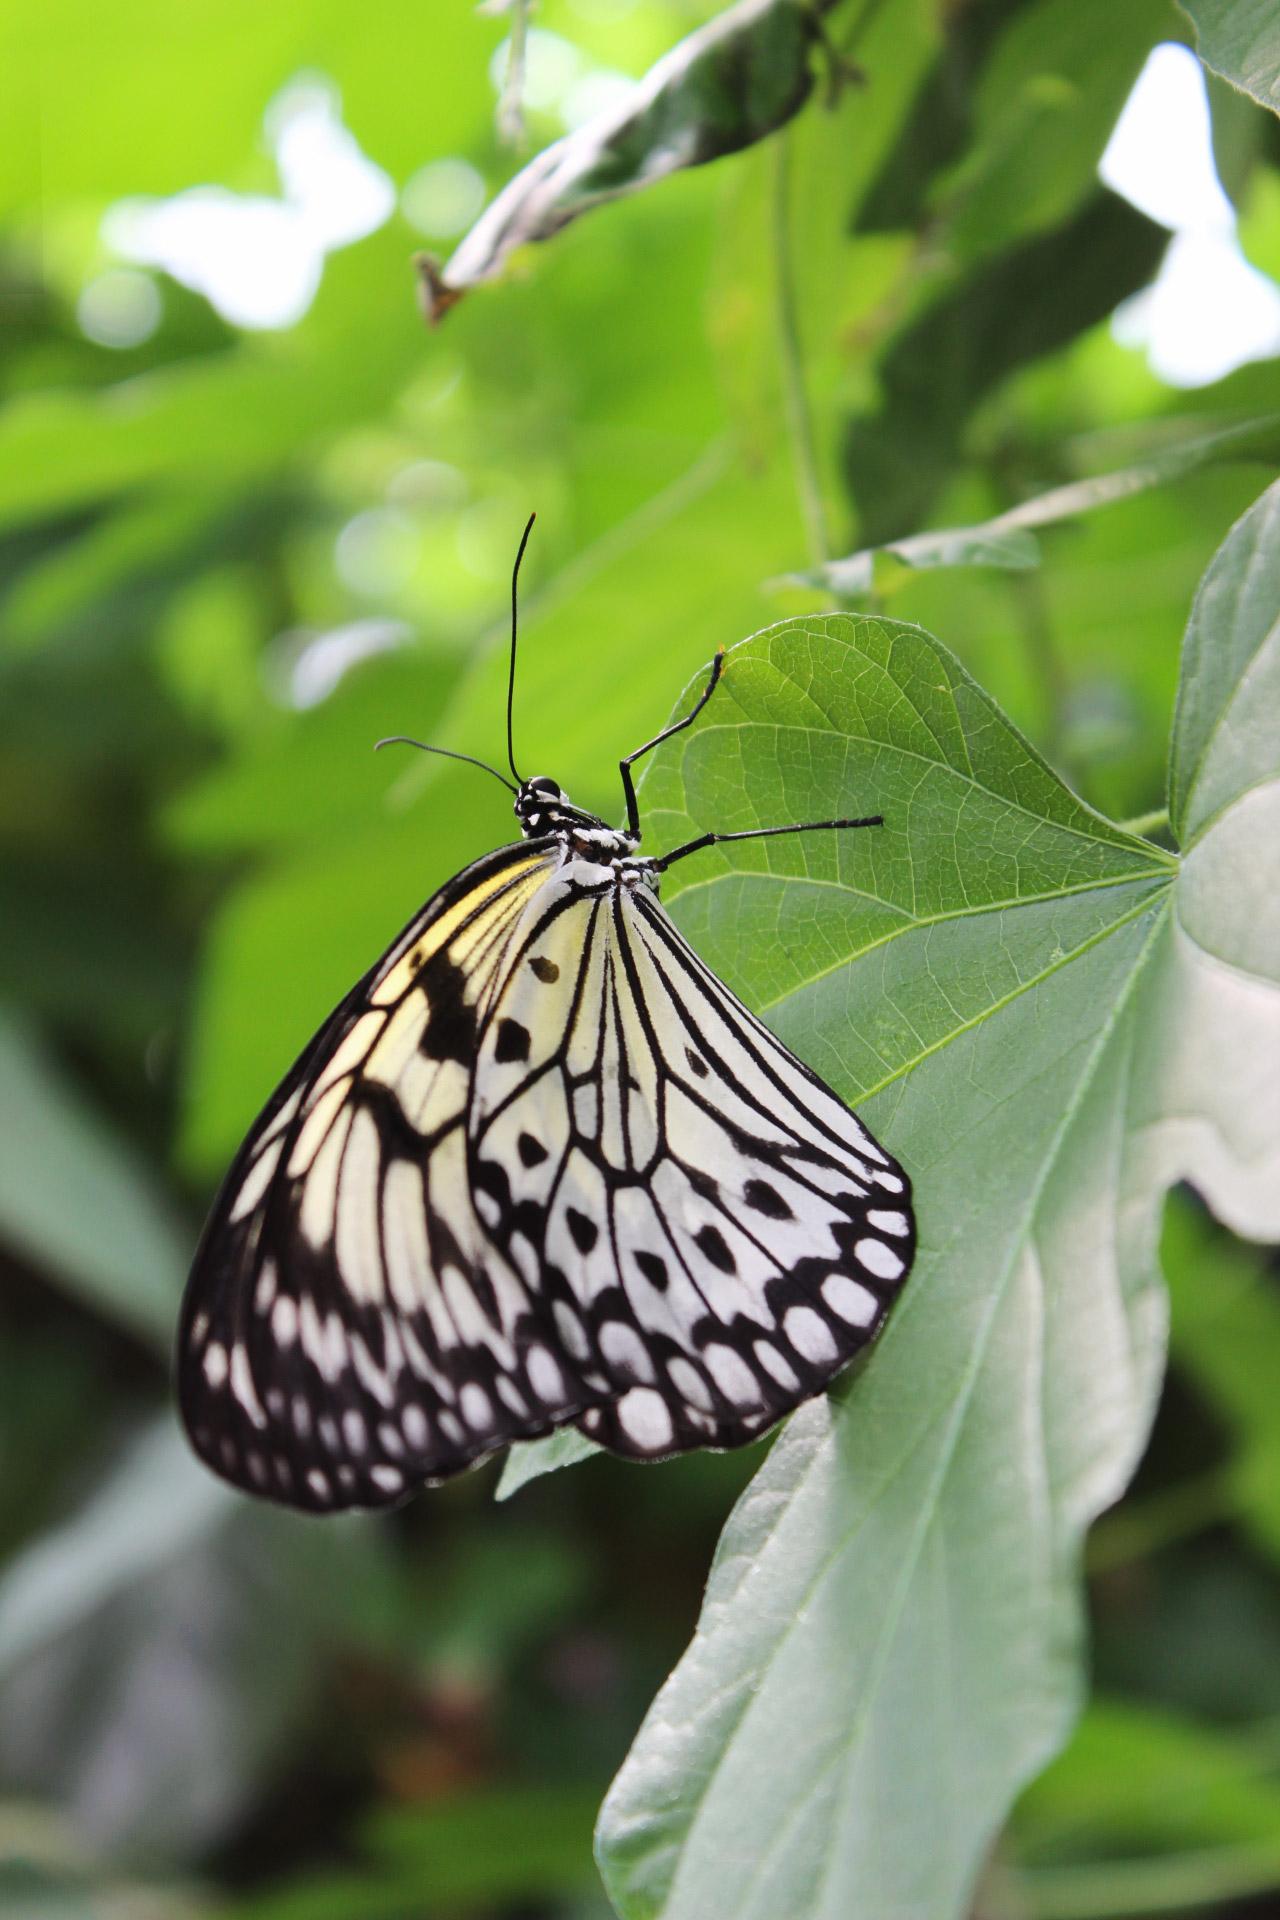 papillon-zsl-londres